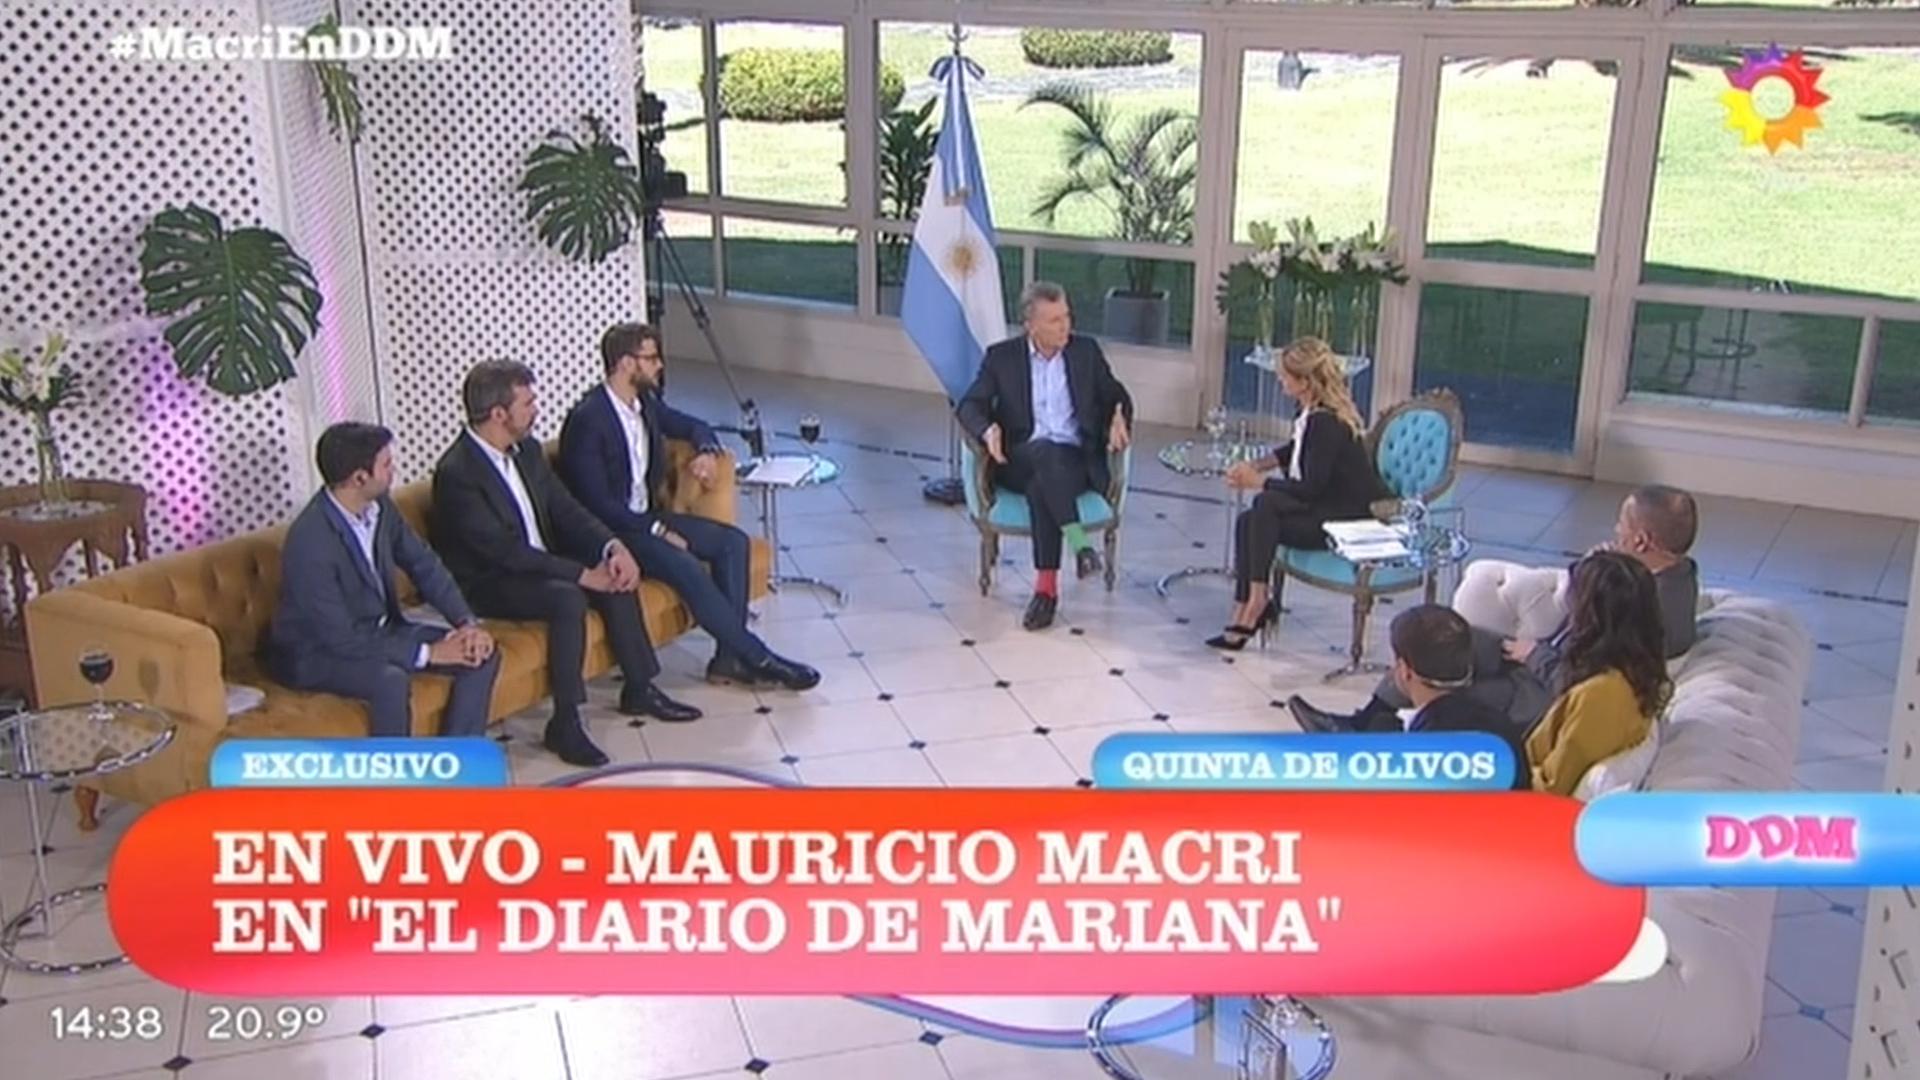 El diario de Mariana, uno de los programas de la productora